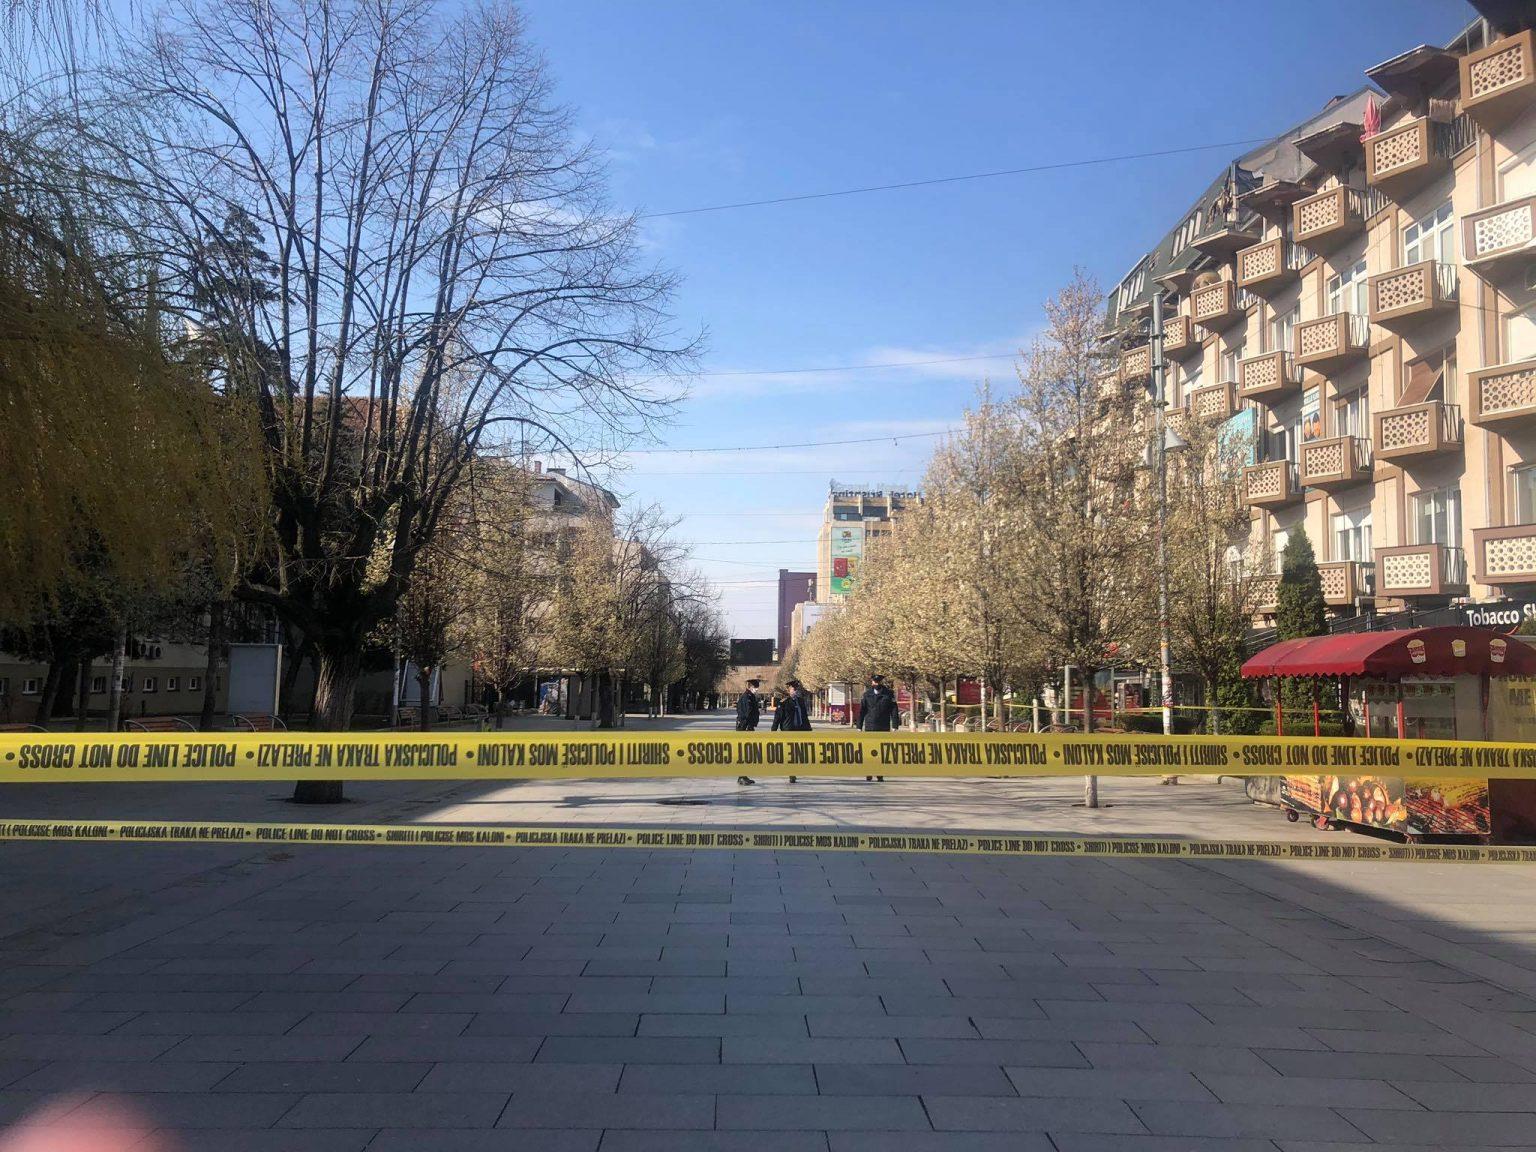 93 raste të reja me koronavirus vetëm në Prishtinë, më pas renditet Mitrovica, Gjakova e Gjilani